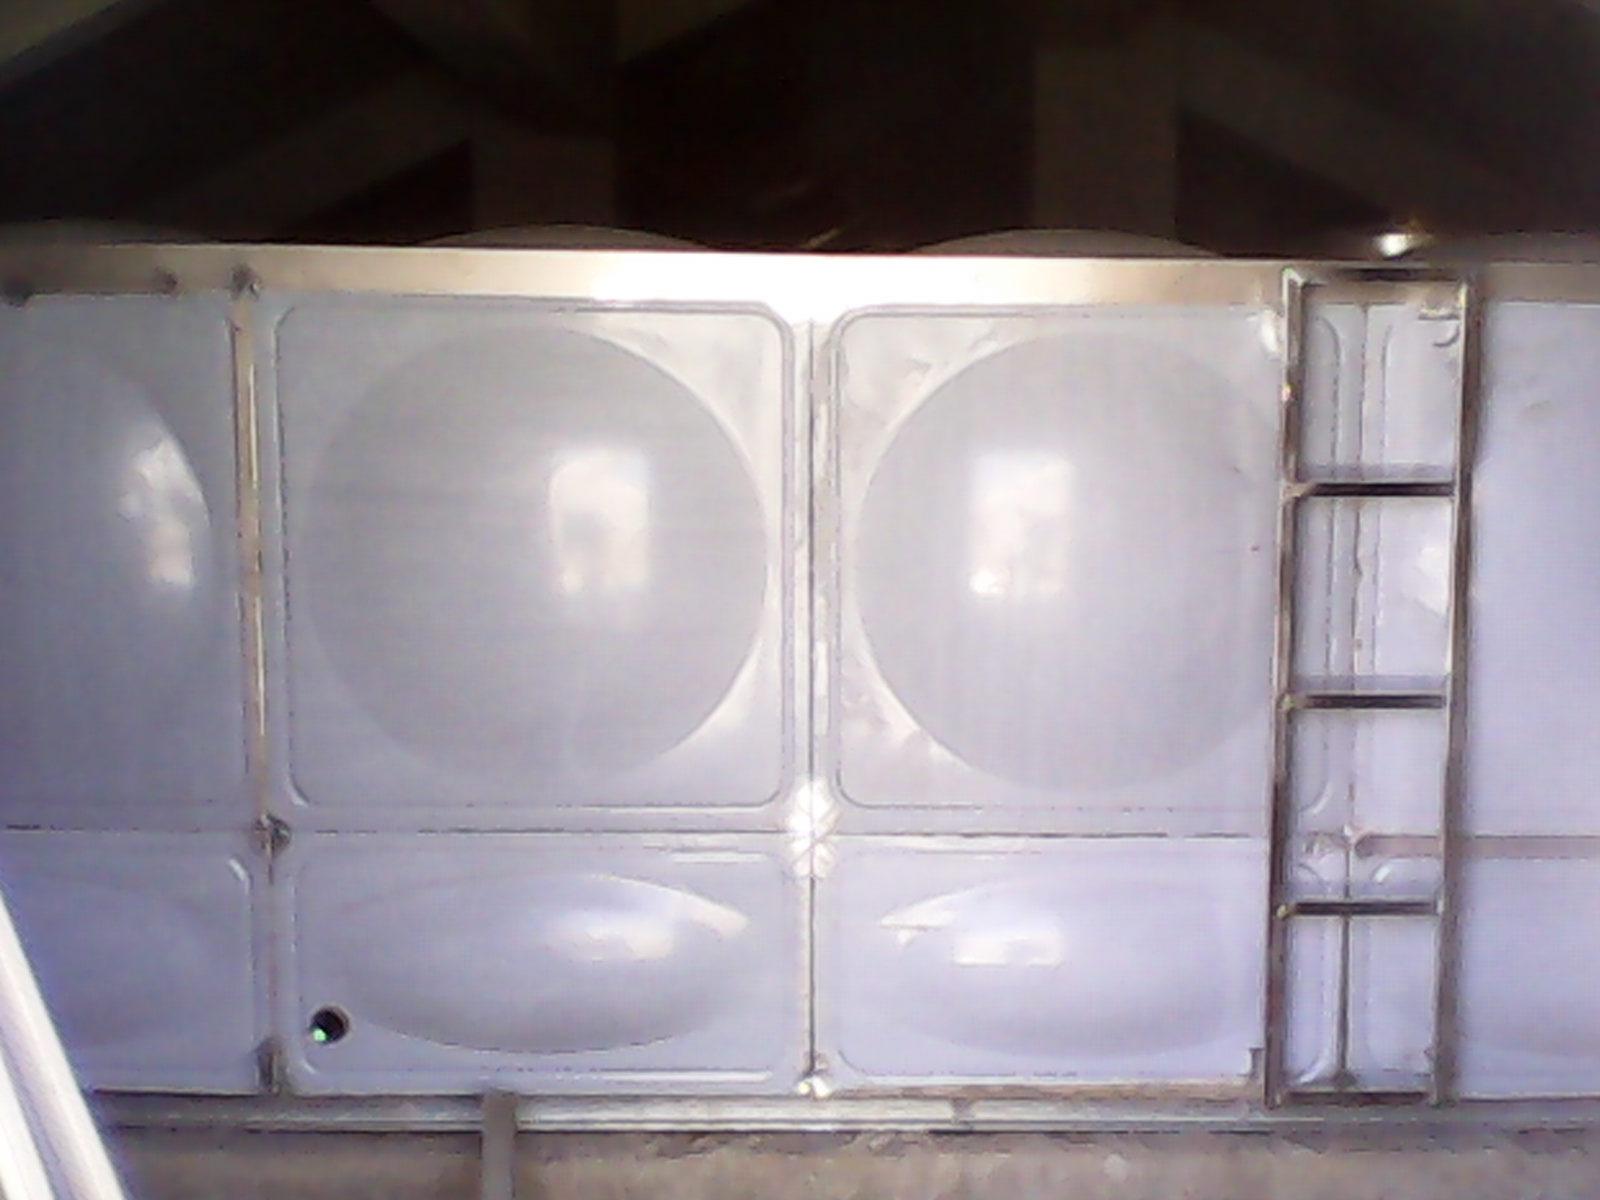 新疆不锈钢水箱|保温水箱|消防水箱供应厂家二十年金牌品质